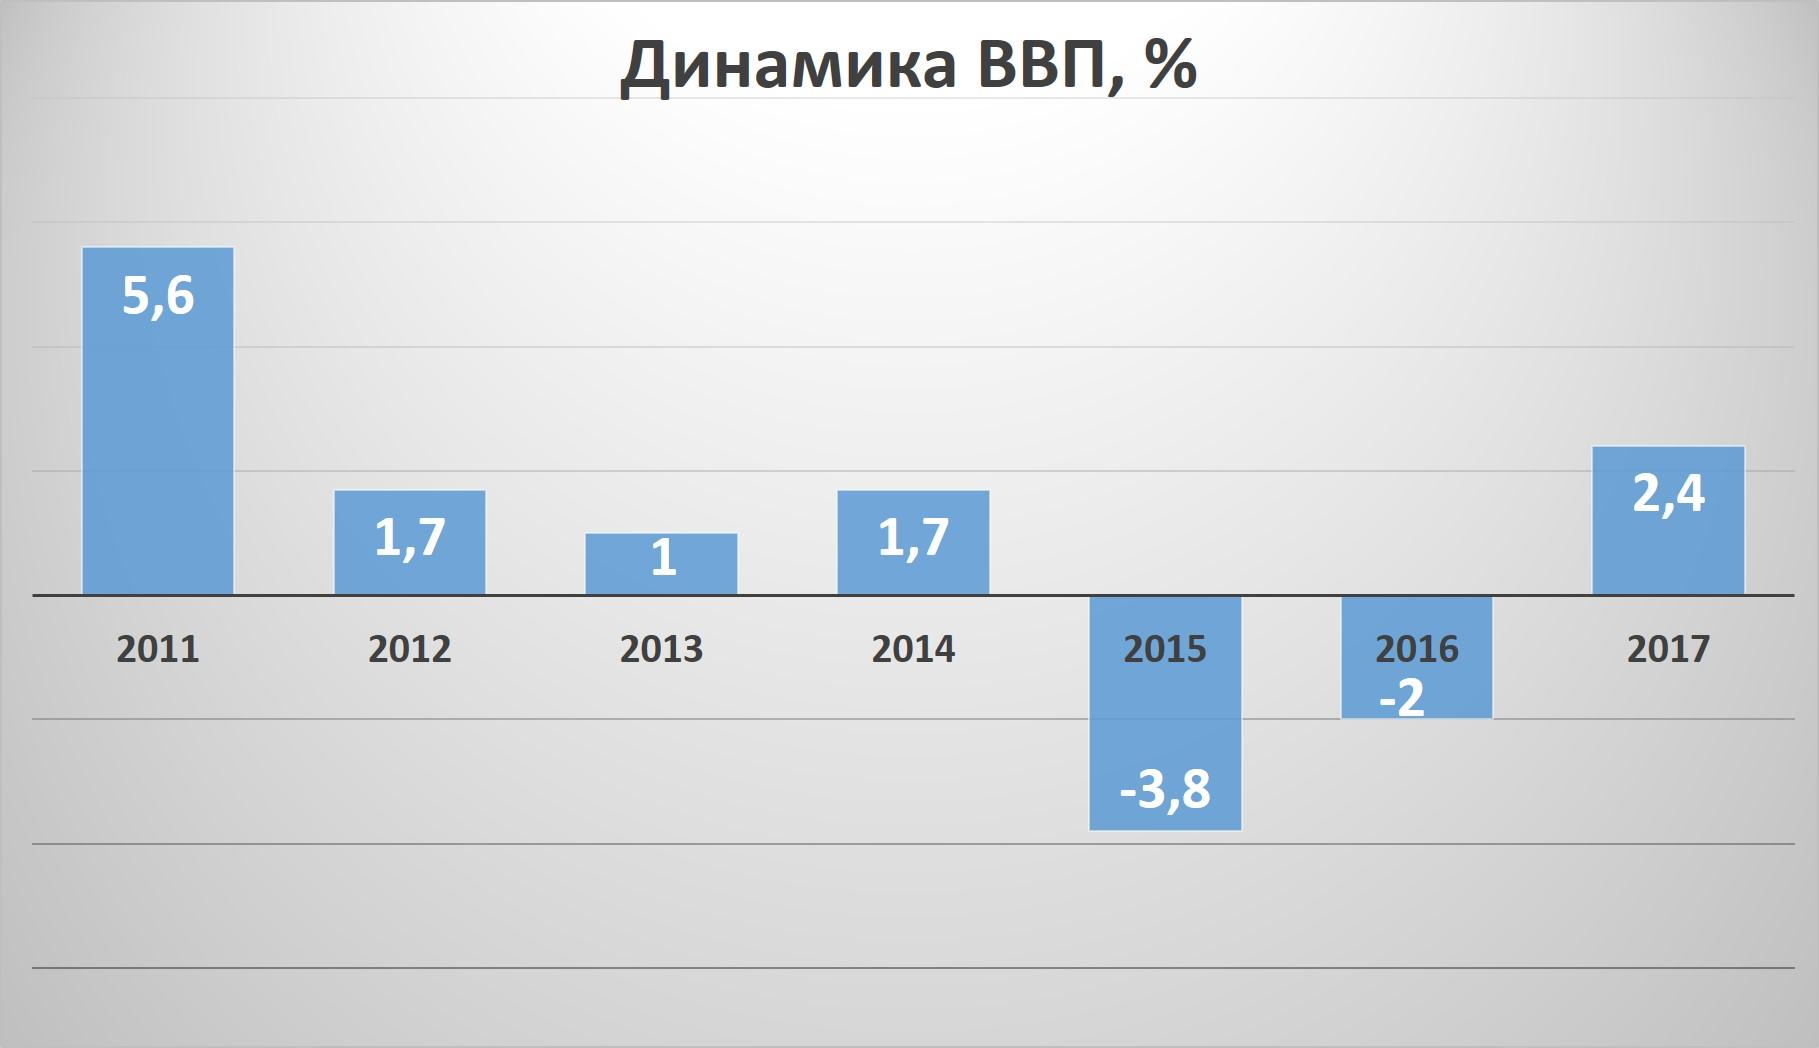 Погоня за цифрами: как разогнать экономику и сделать белорусов богаче — Intex-press. Последние новости города Барановичи, Беларуси и Мира